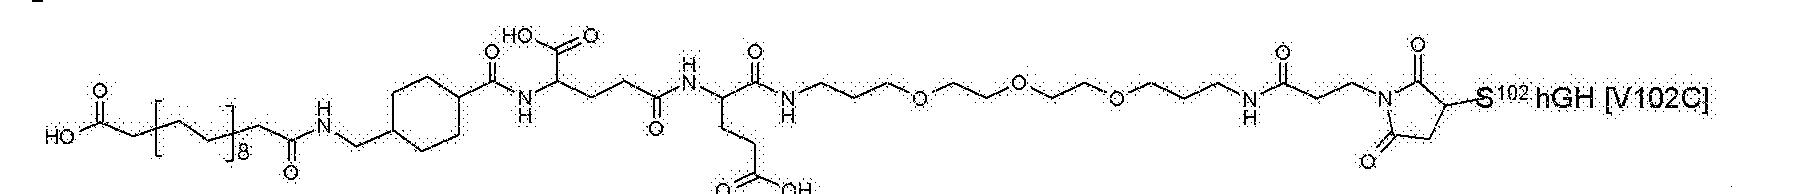 Figure CN103002918BD01334